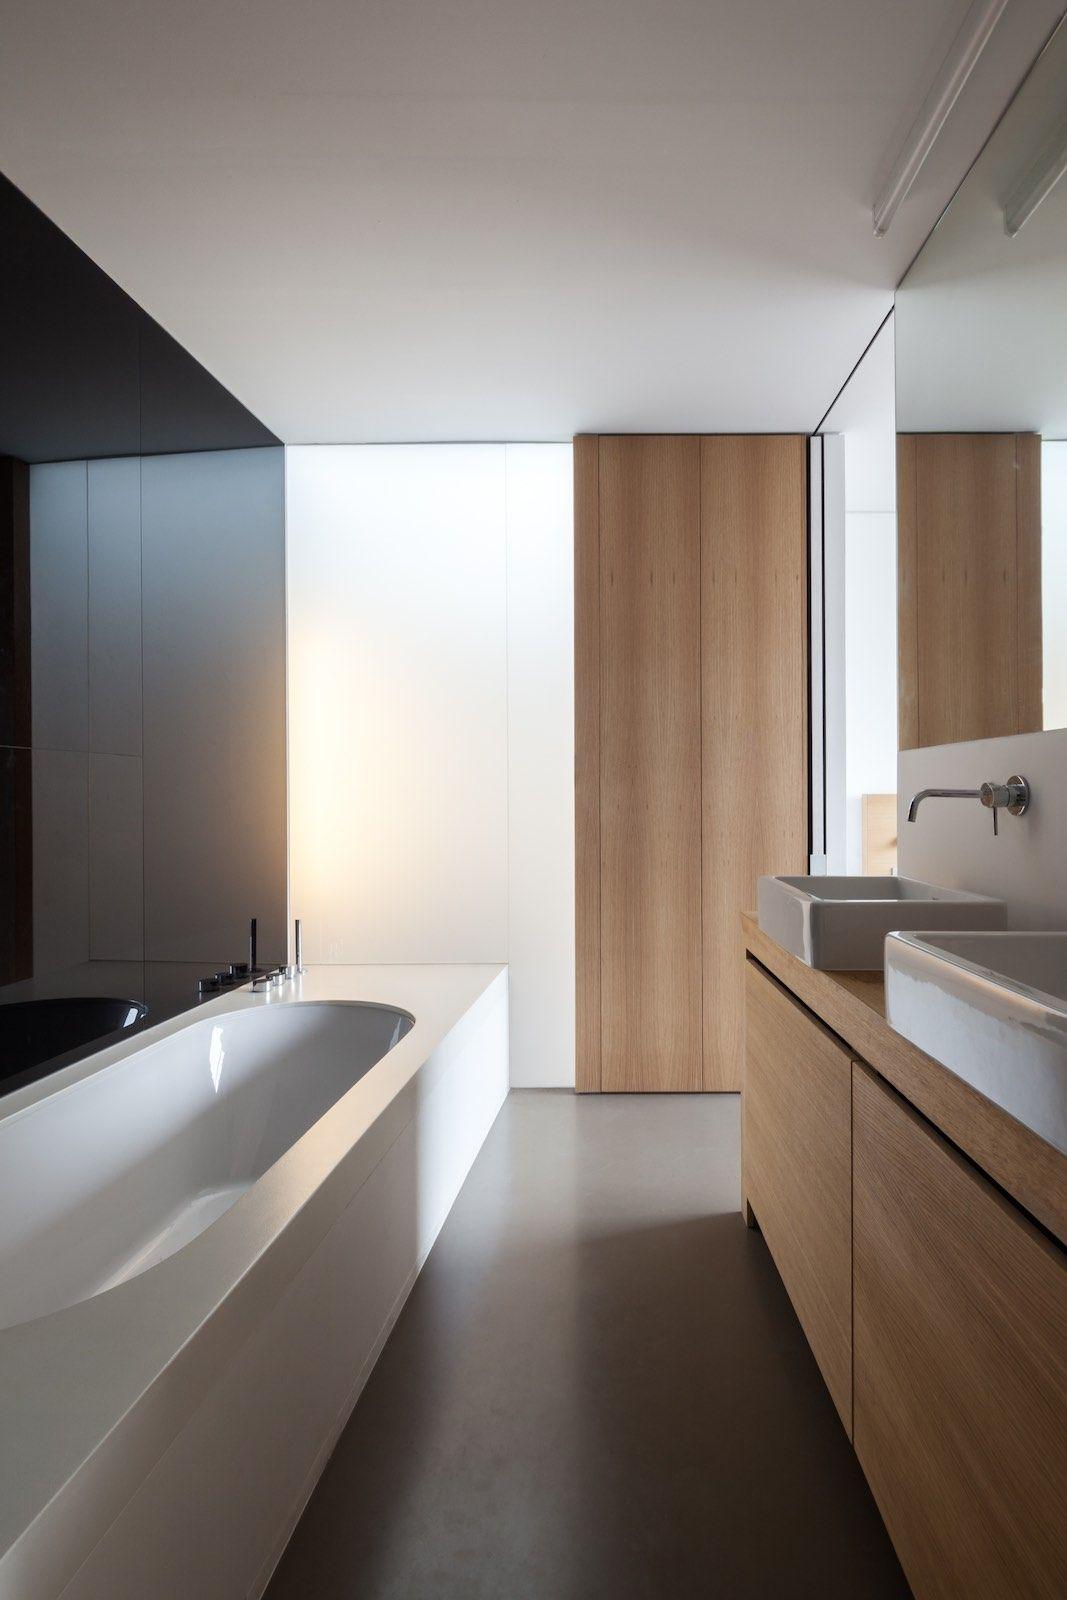 Entspannendes badezimmerdekor abeel house by steven vandenborre u miass architectuur  bäder